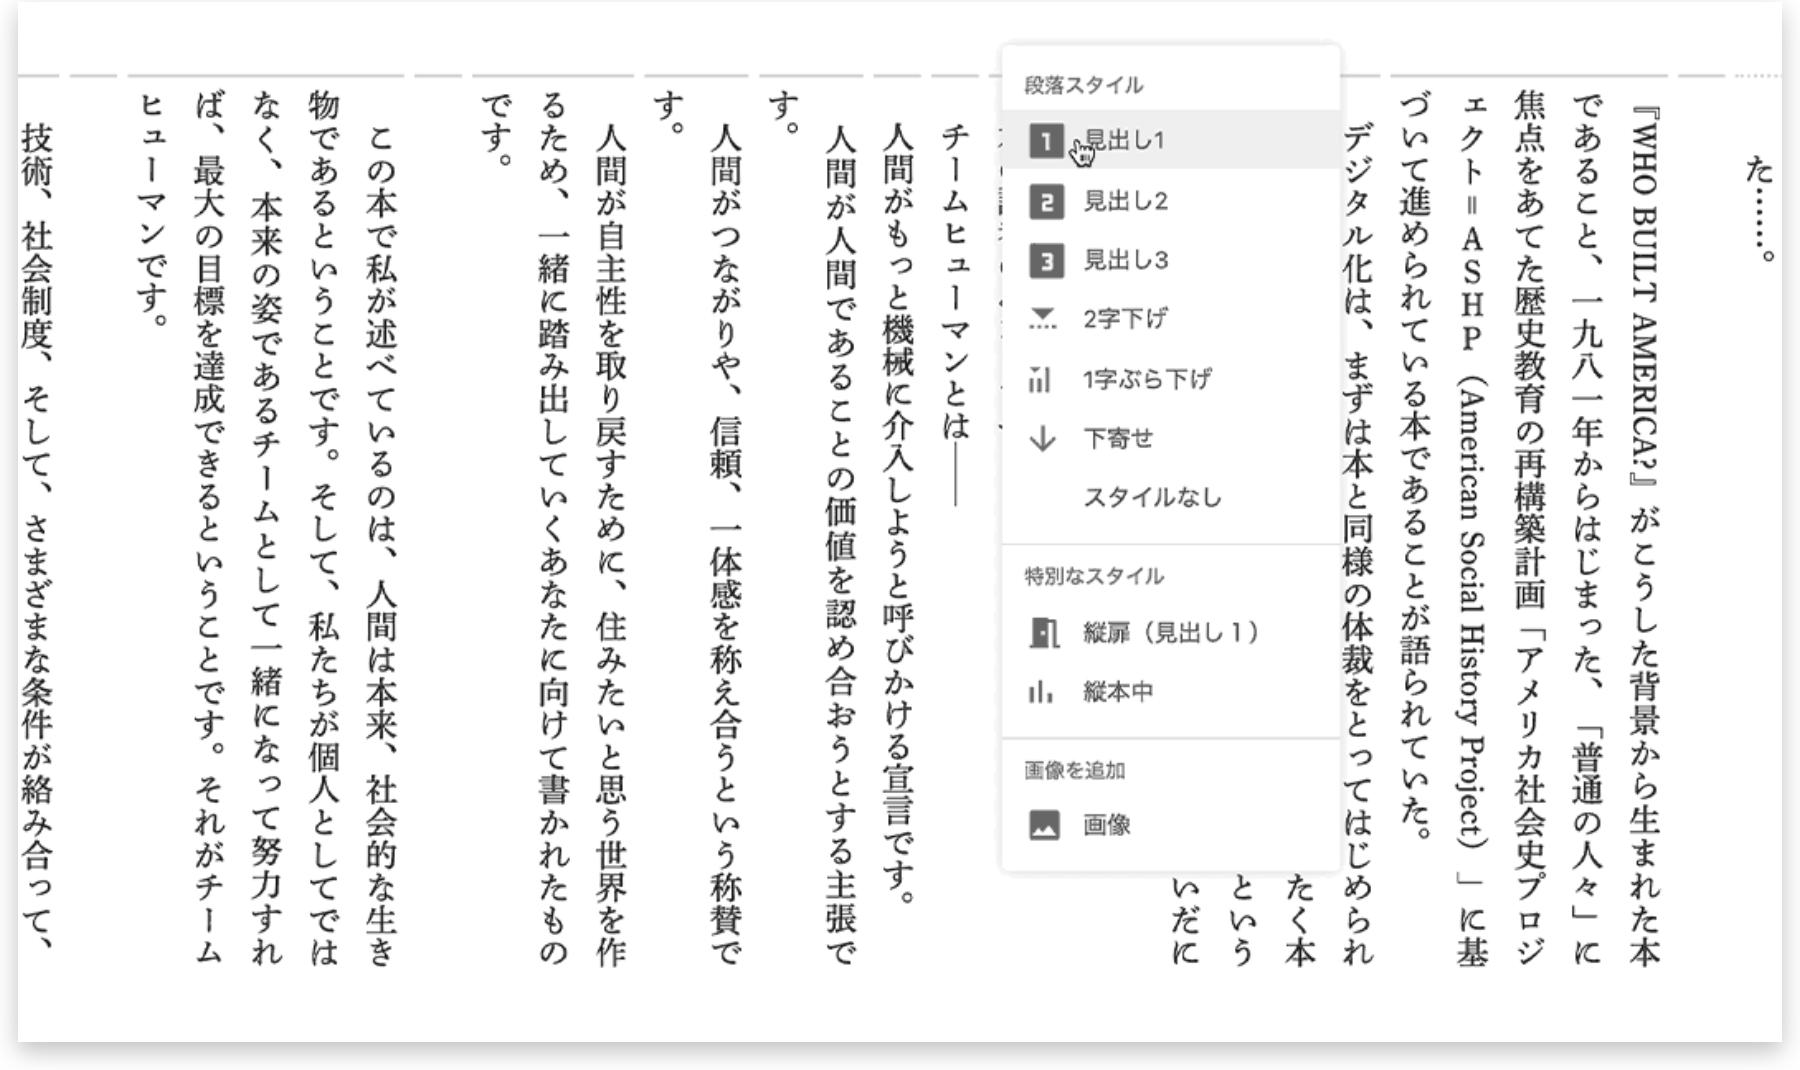 文章スタイルの指定や画像の追加